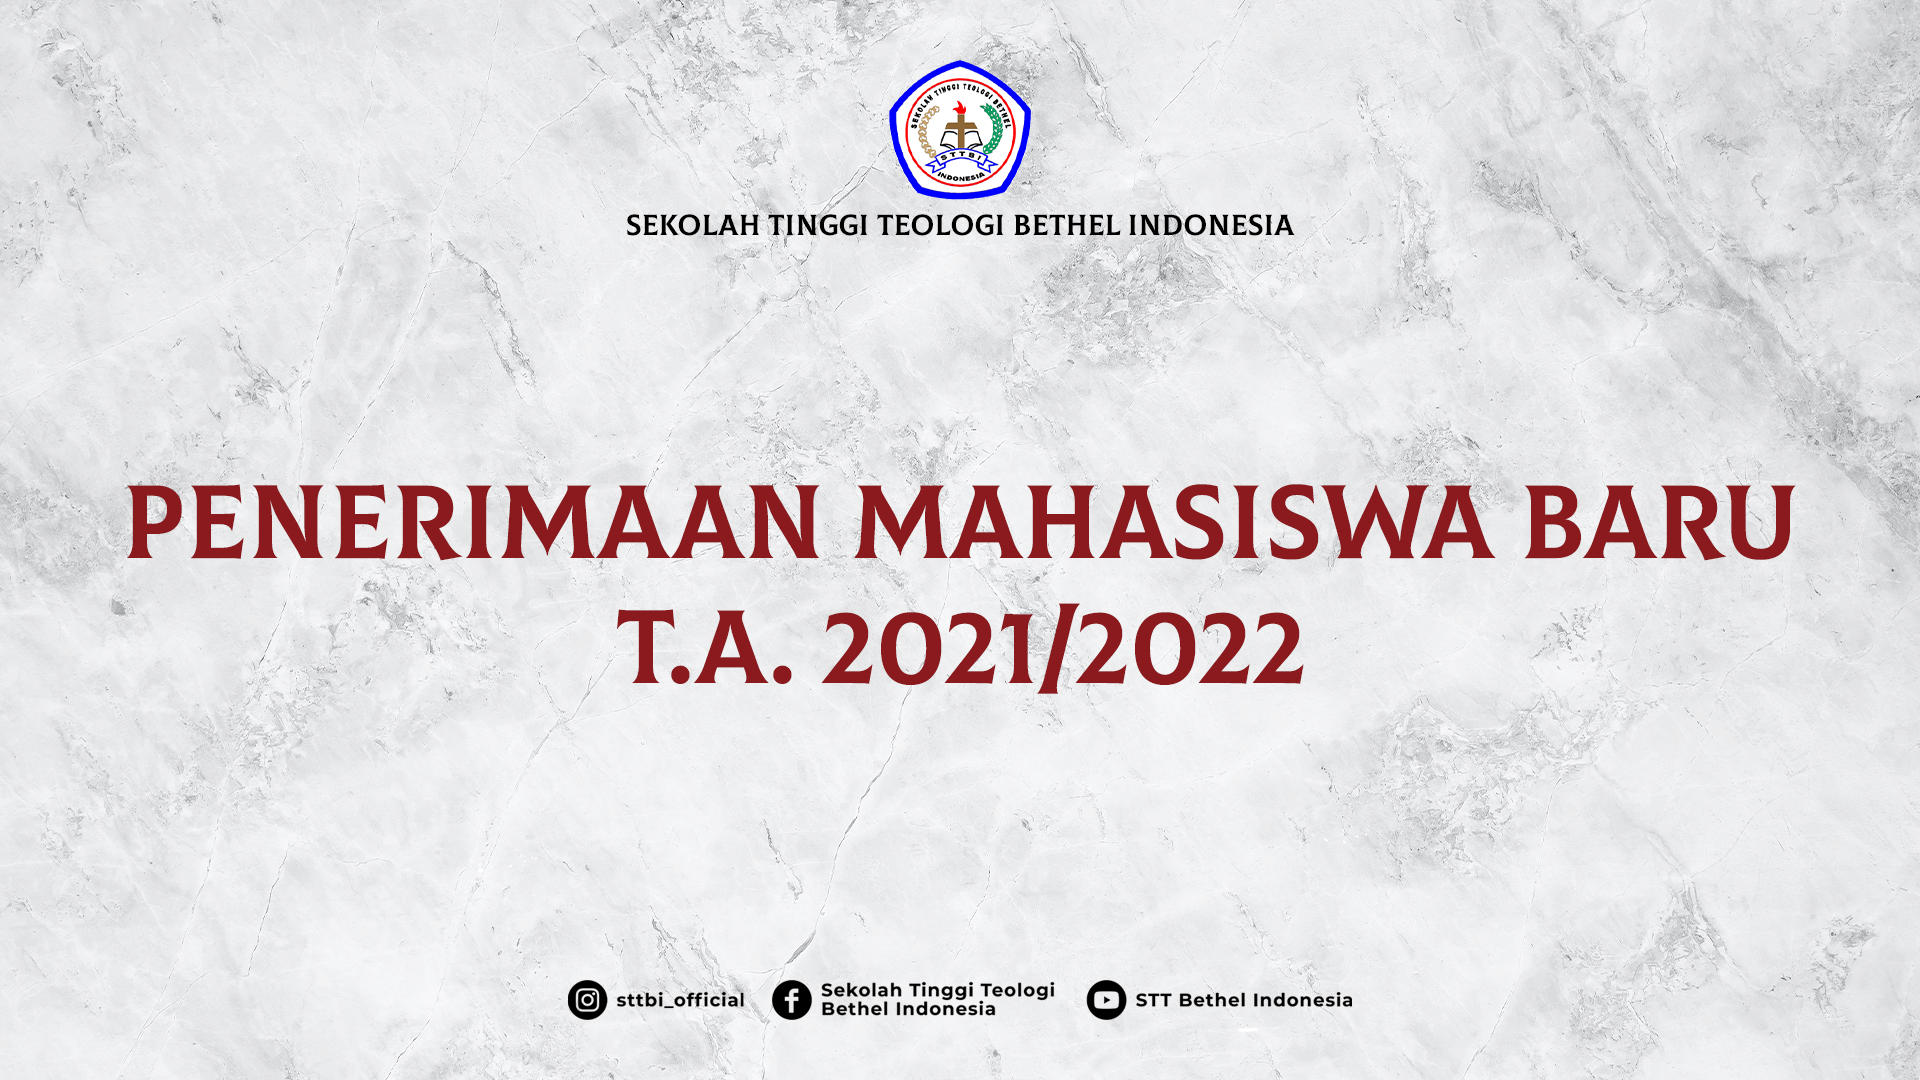 PENERIMAAN MAHASISWA BARU 2021/2022